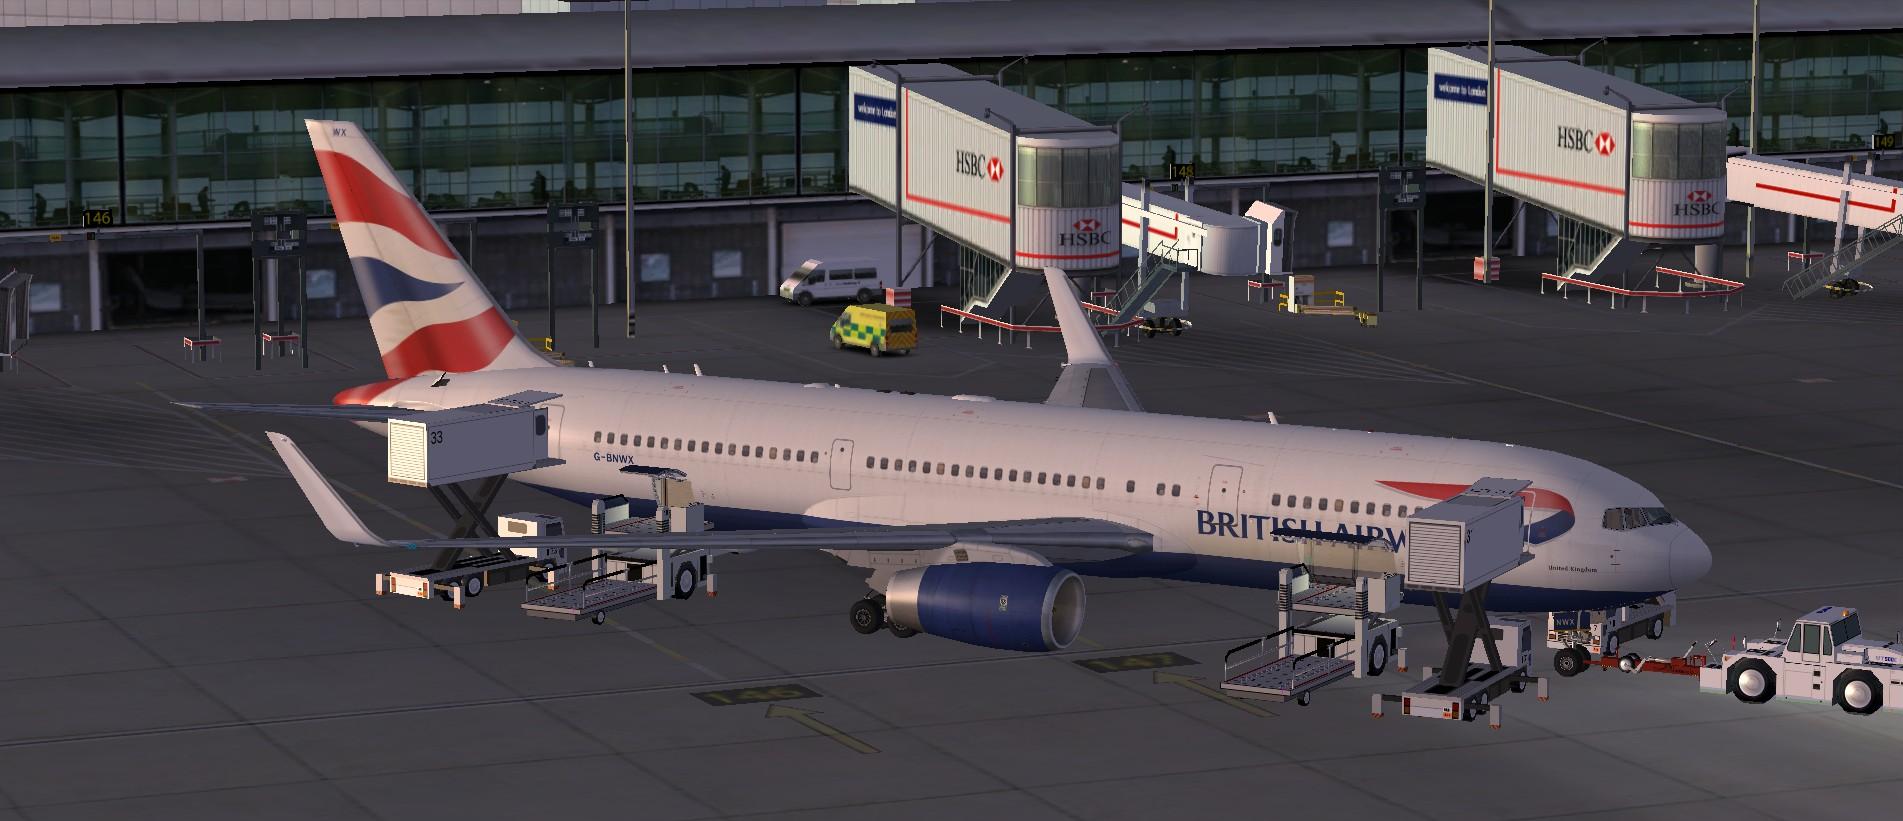 fs-freeware net - FSX Boeing 767-336/ER British Airways